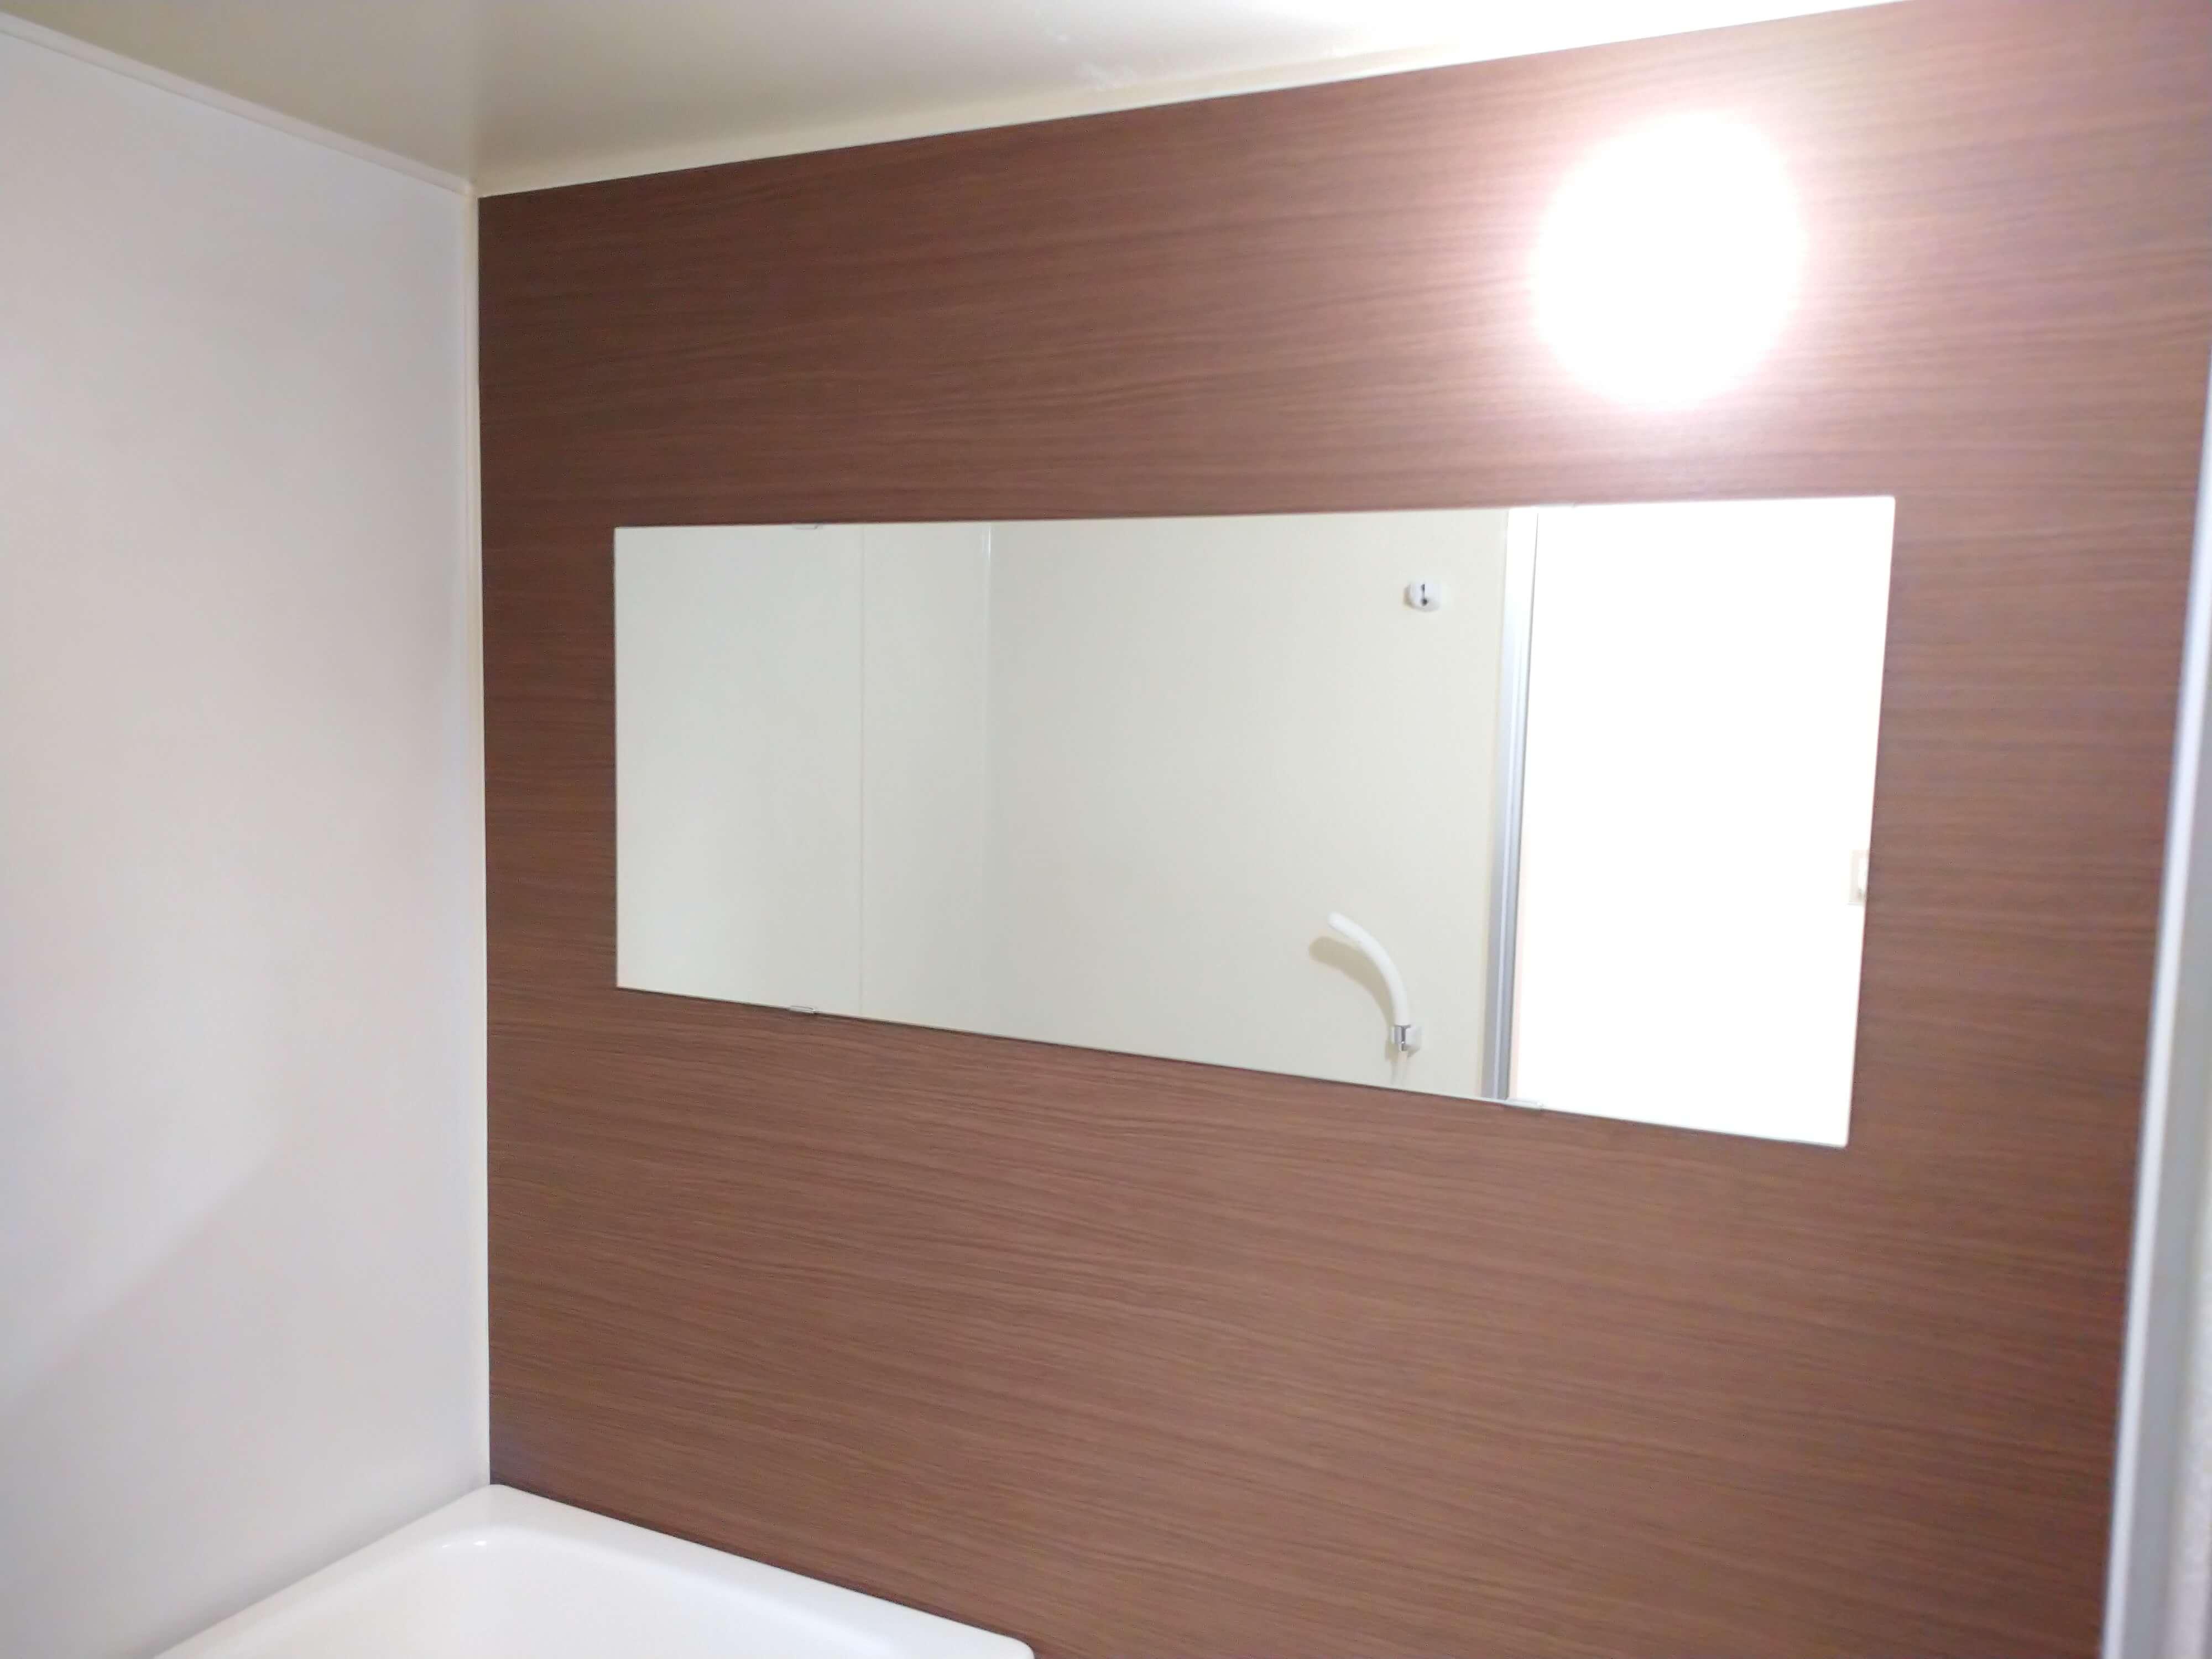 ★102号室の画像です。 浴室も綺麗にリノベーションされています。幅広ミラーつき。